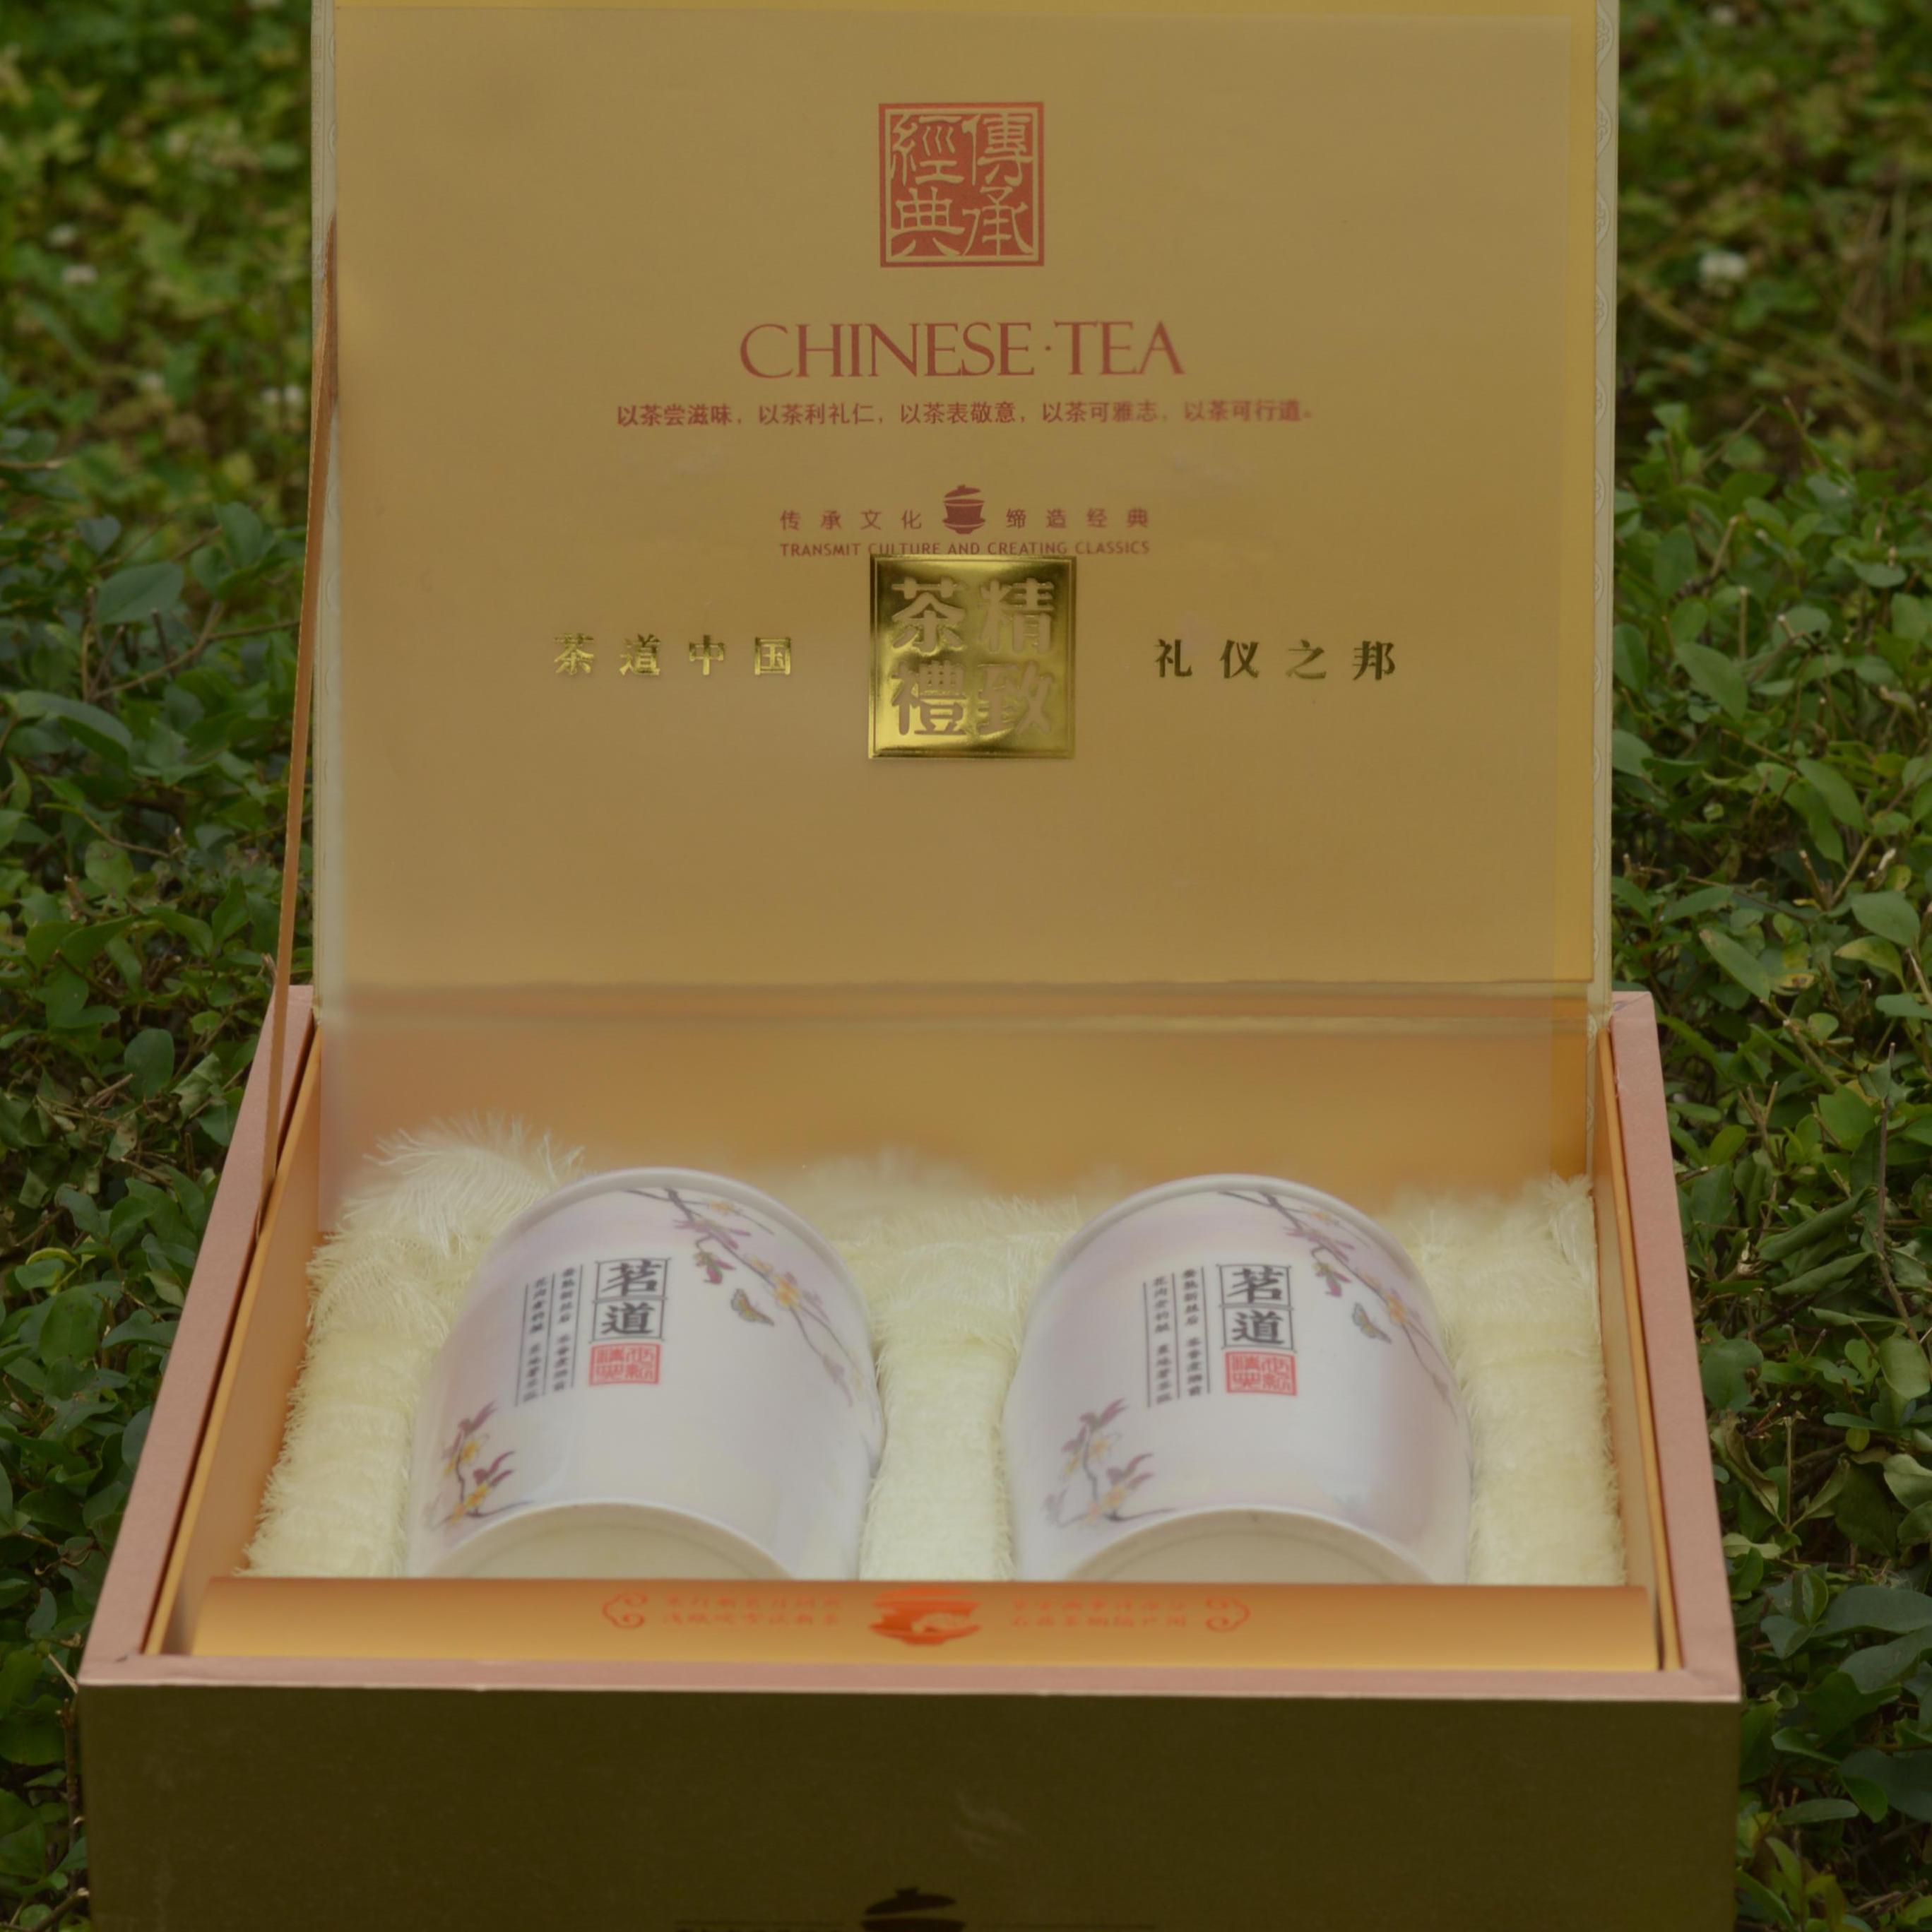 瓷罐礼盒装绿茶 2018年新上市明前茶,毛峰,绿茶,炒青